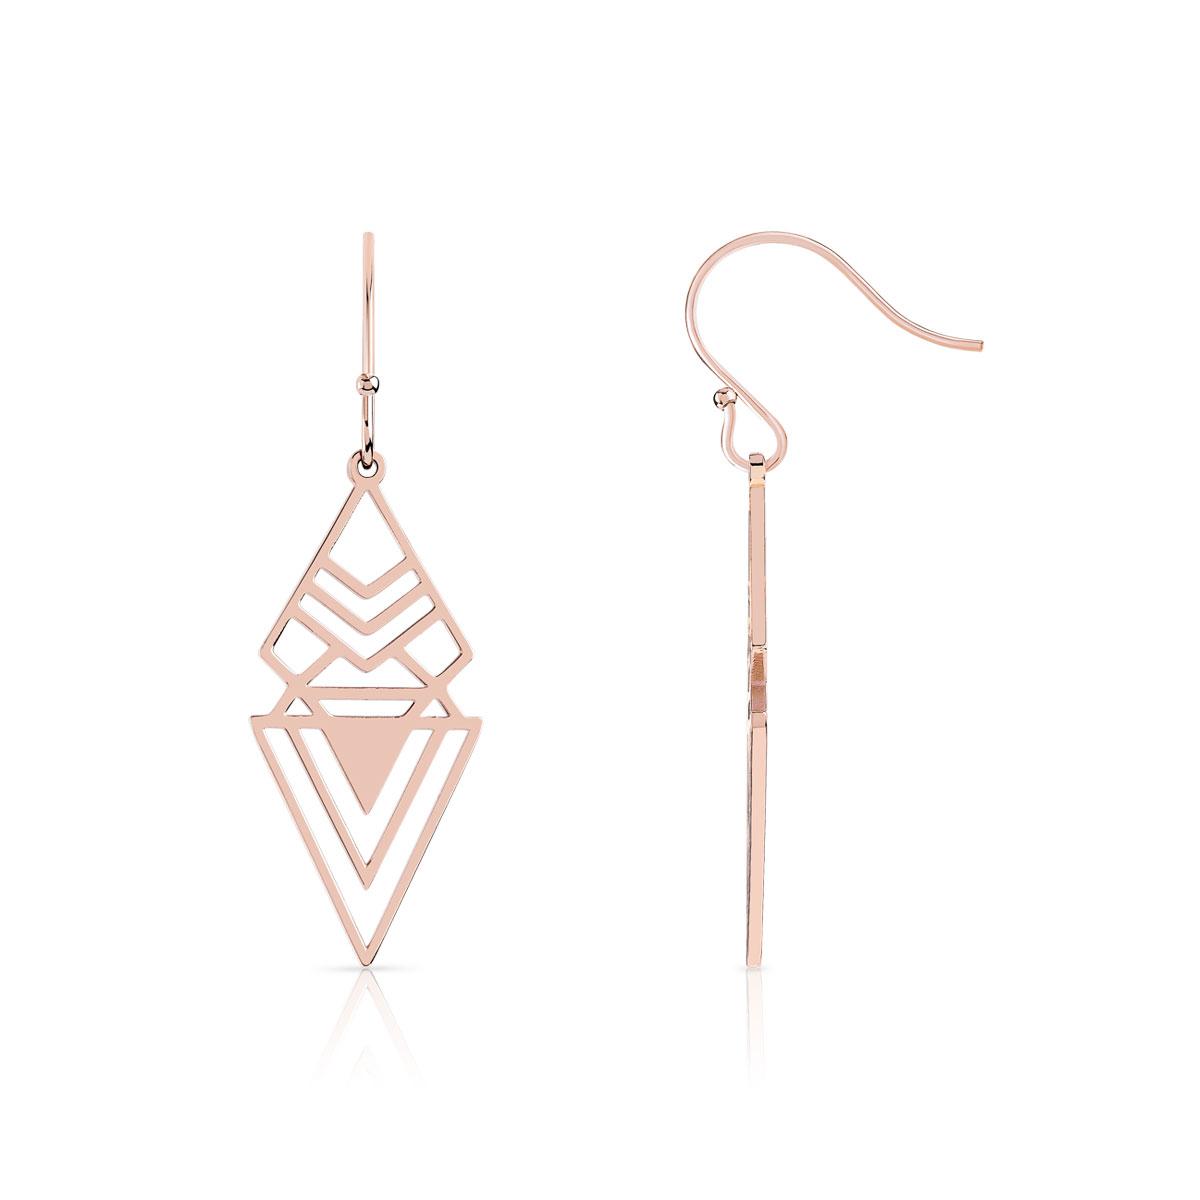 vente limitée nouvelles photos nouveaux produits pour Boucles d'oreilles acier doré rose